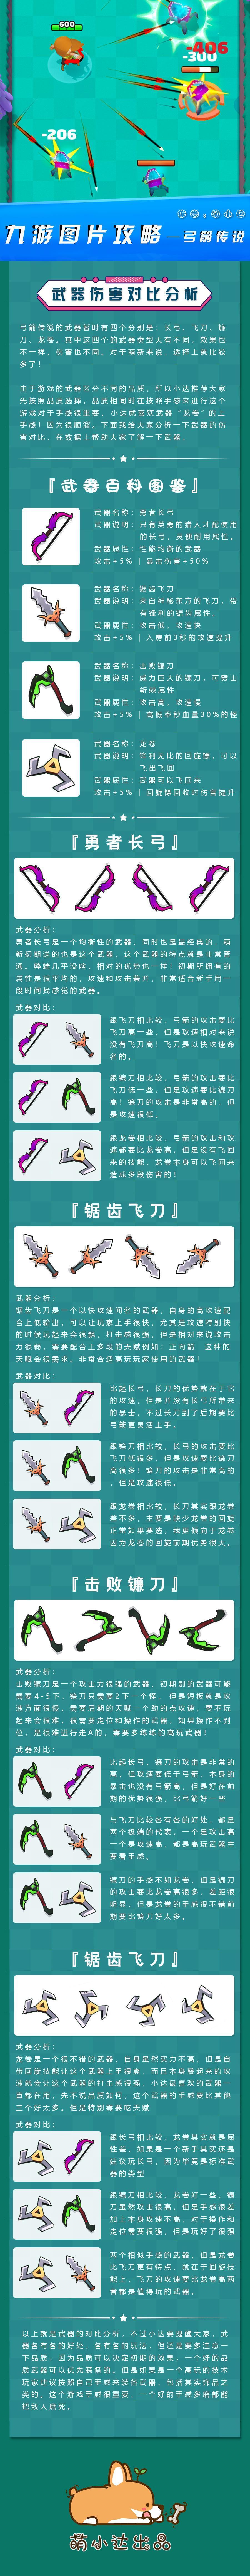 武器对比.jpg